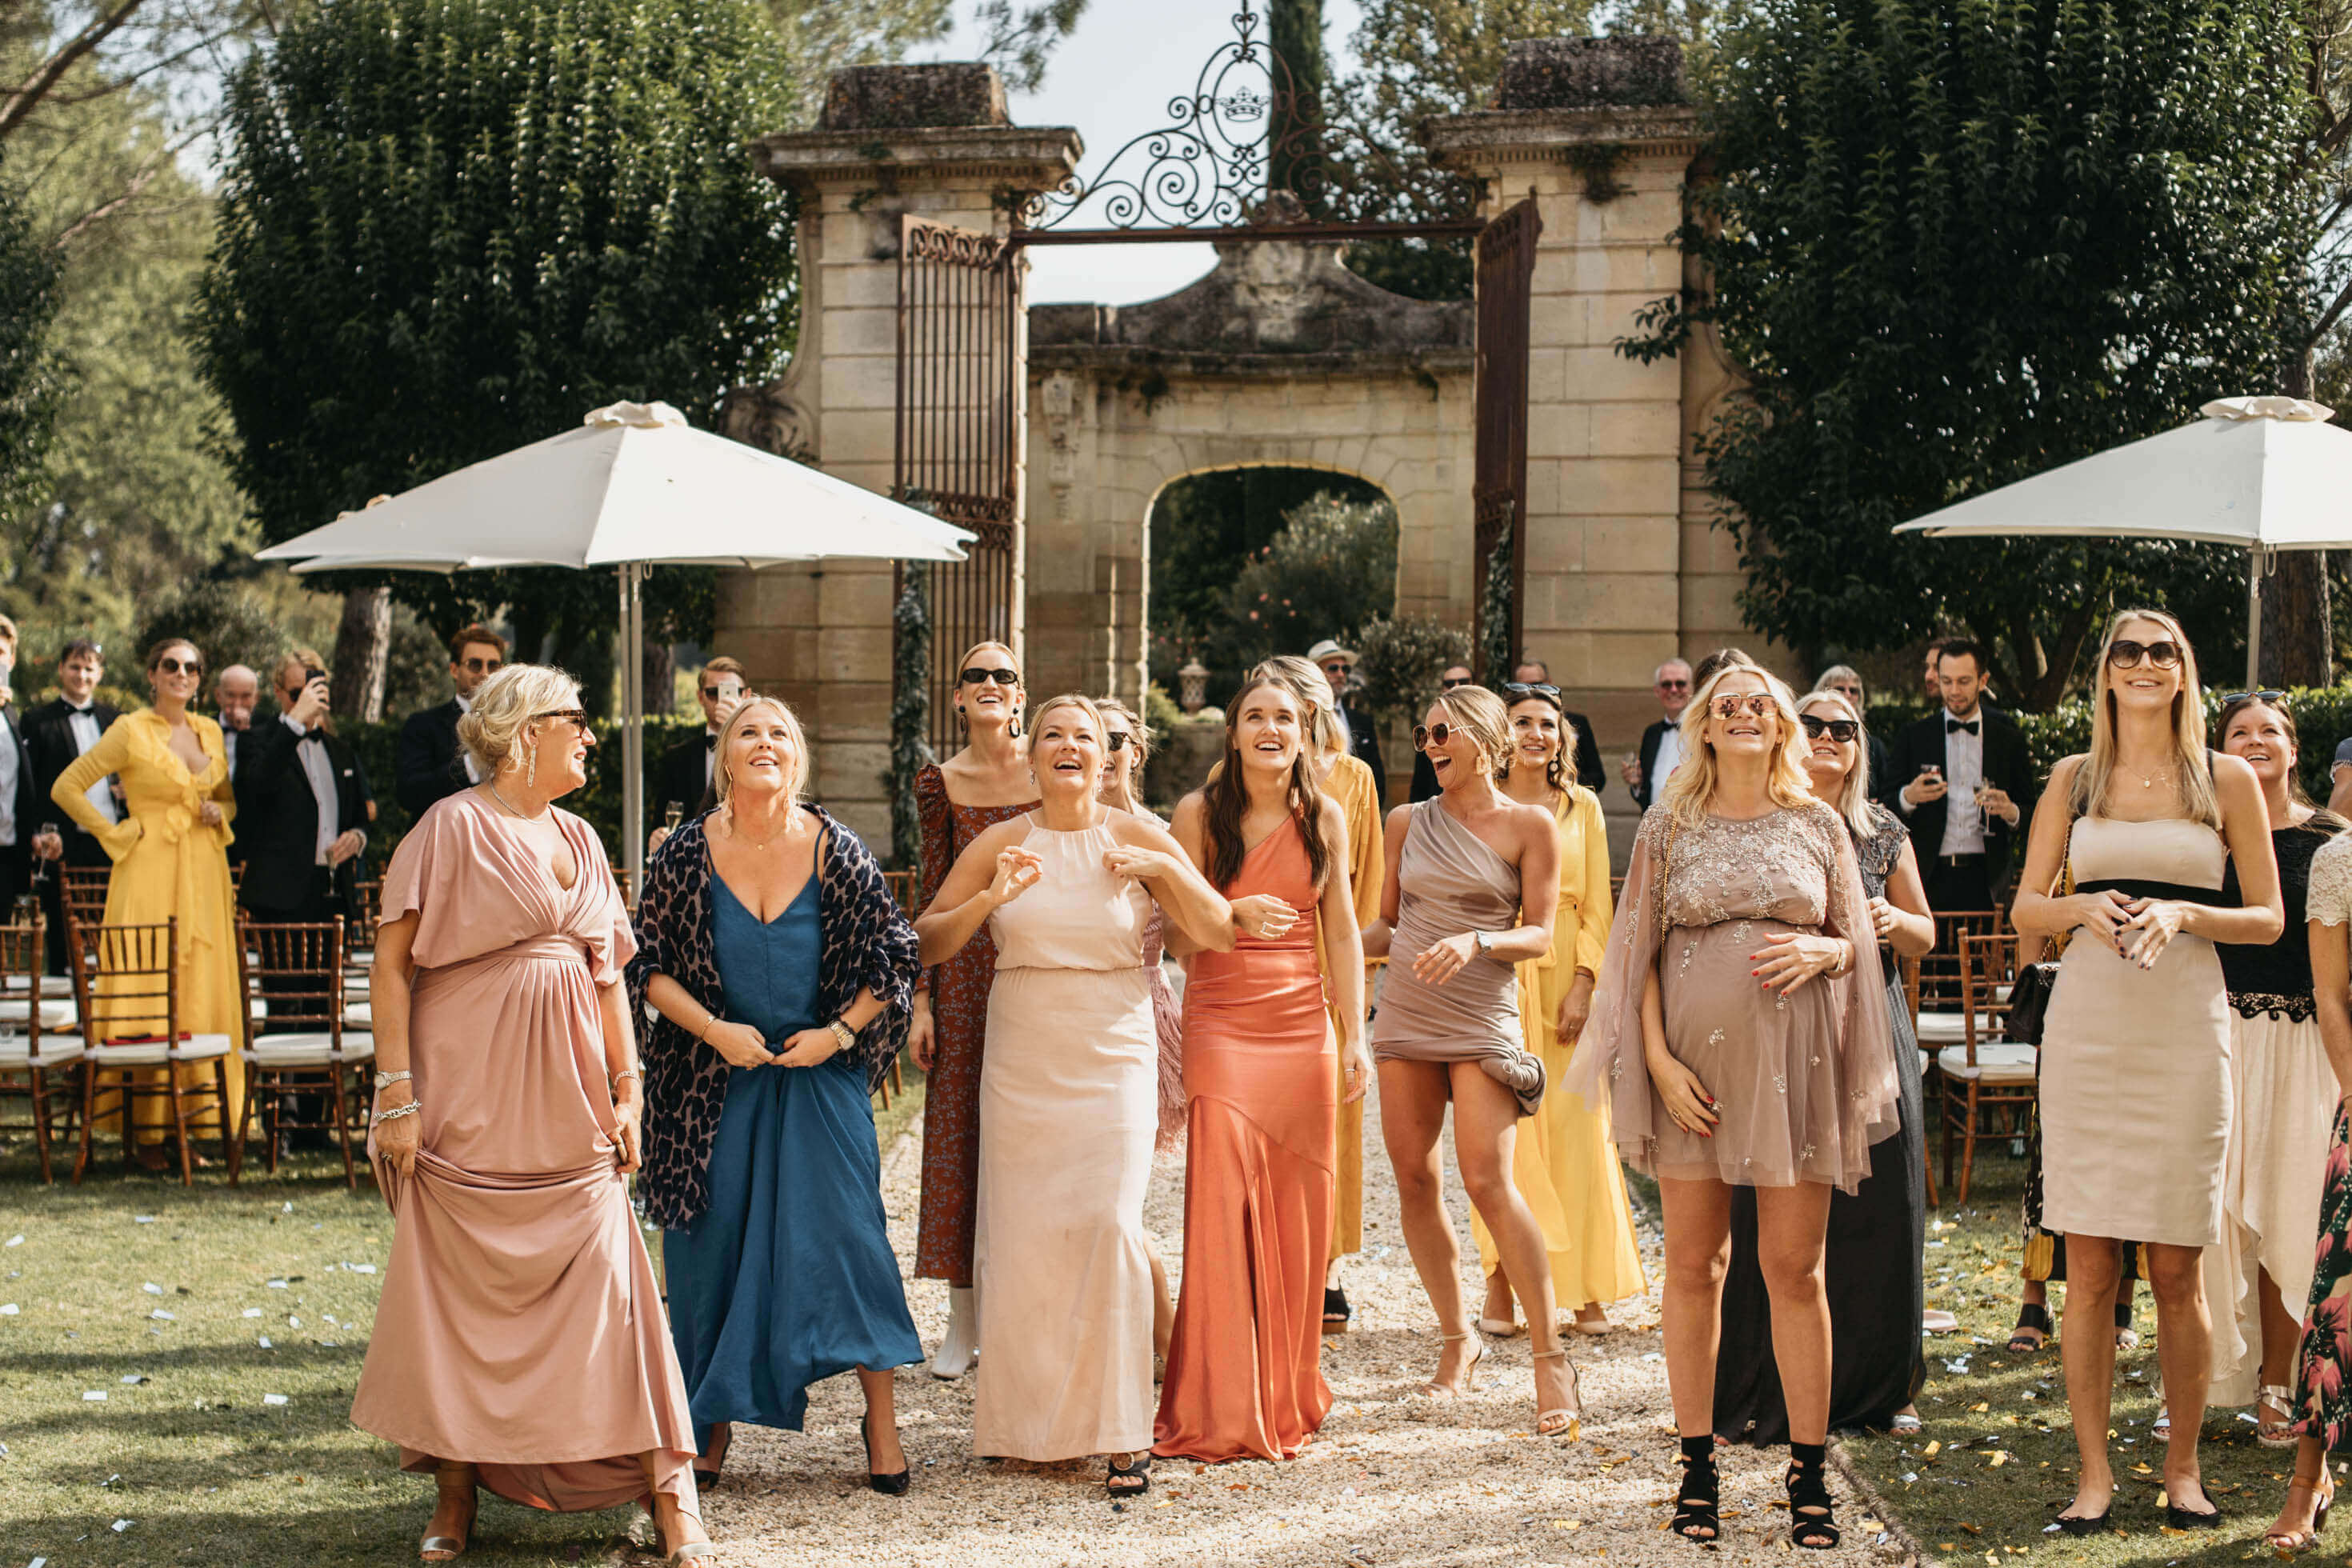 cb63ec41f3d Allt du behöver veta om klädkoder på bröllop - Her Hour